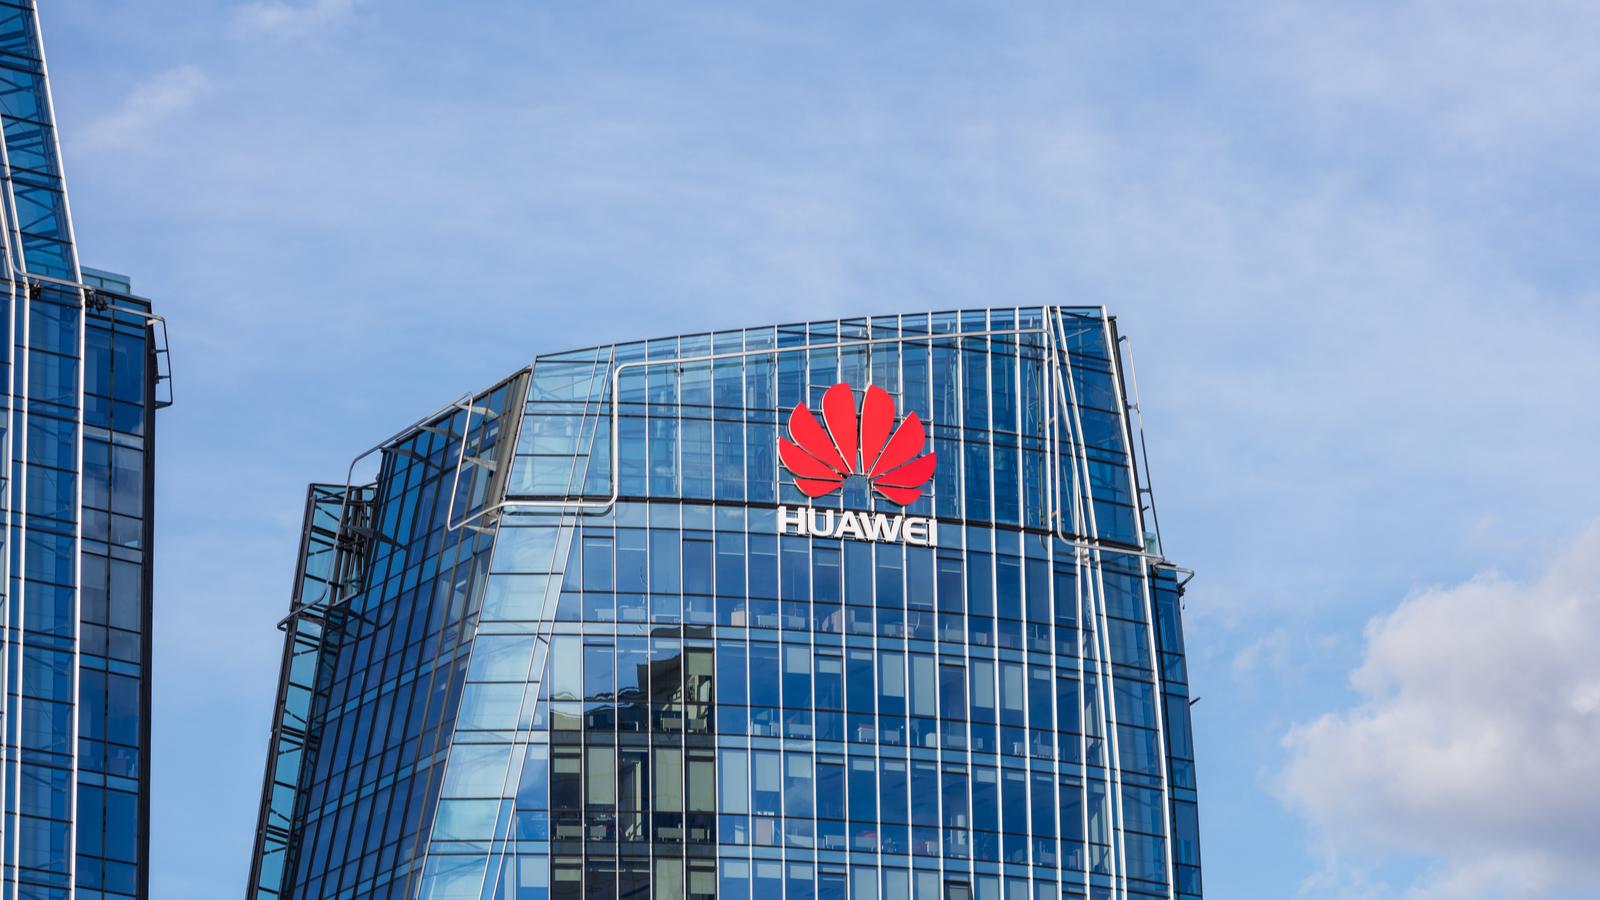 Huawei ferait face à un million de cyberattaques par jour